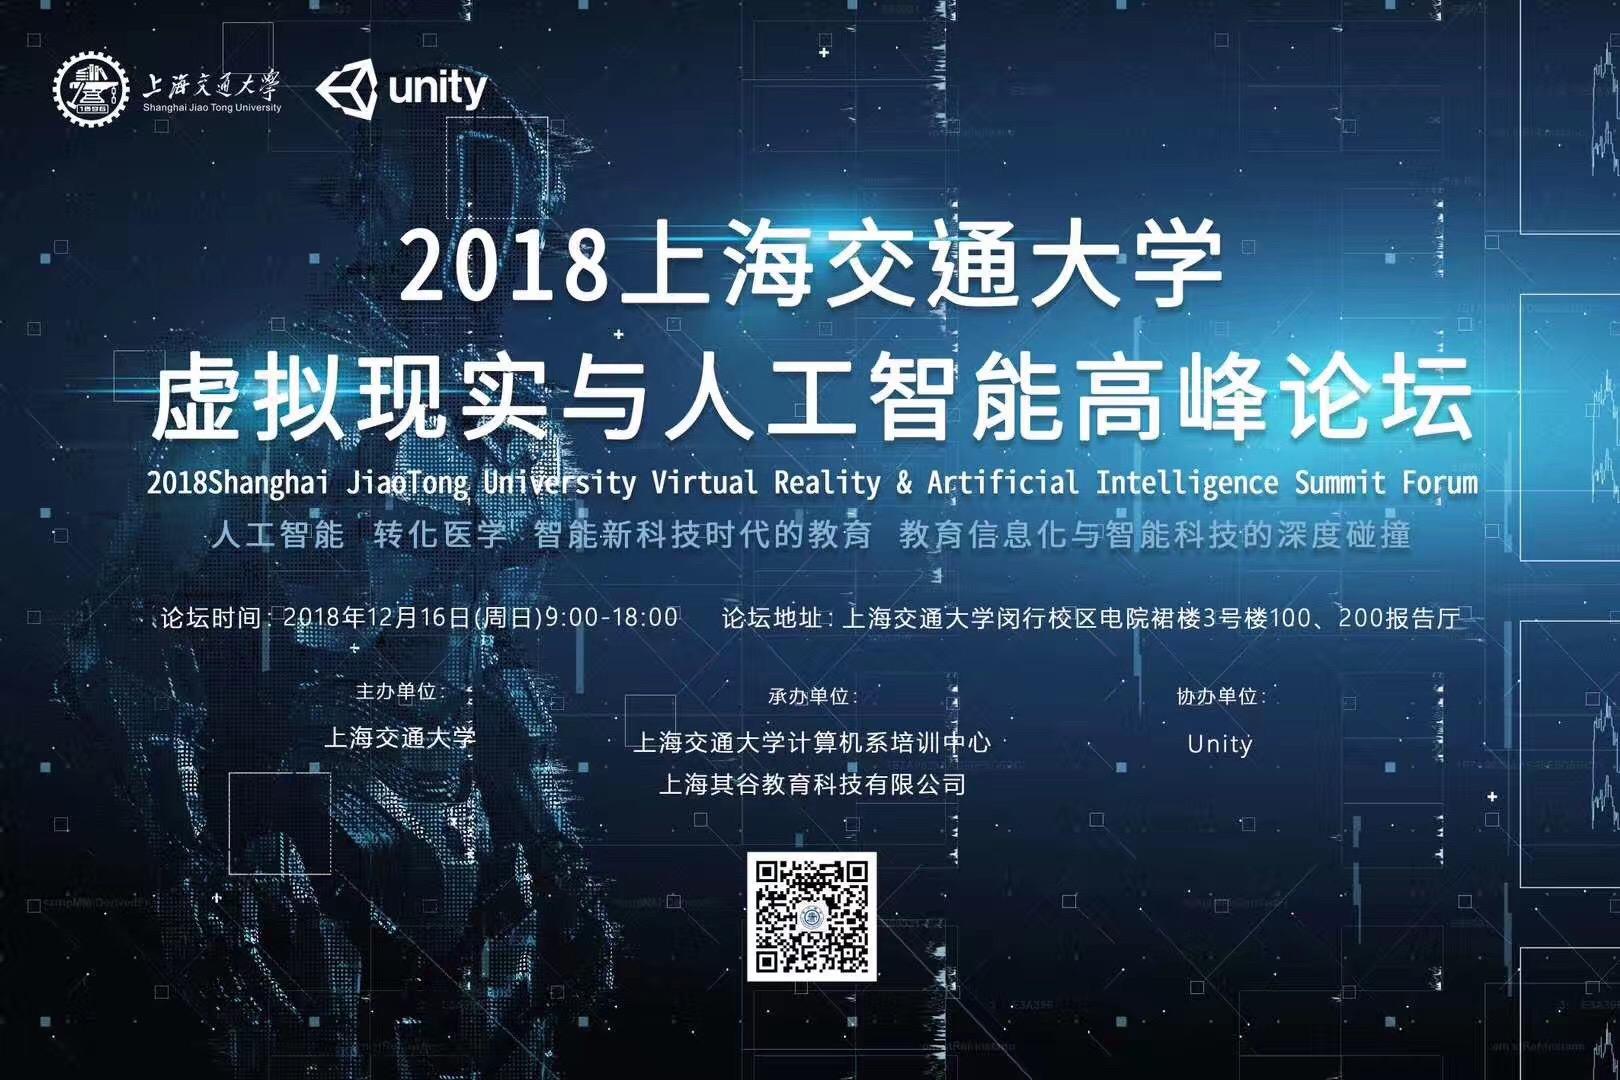 12月16日 Unity携手上交大|虚拟现实与人工智能高峰论坛将举行在即